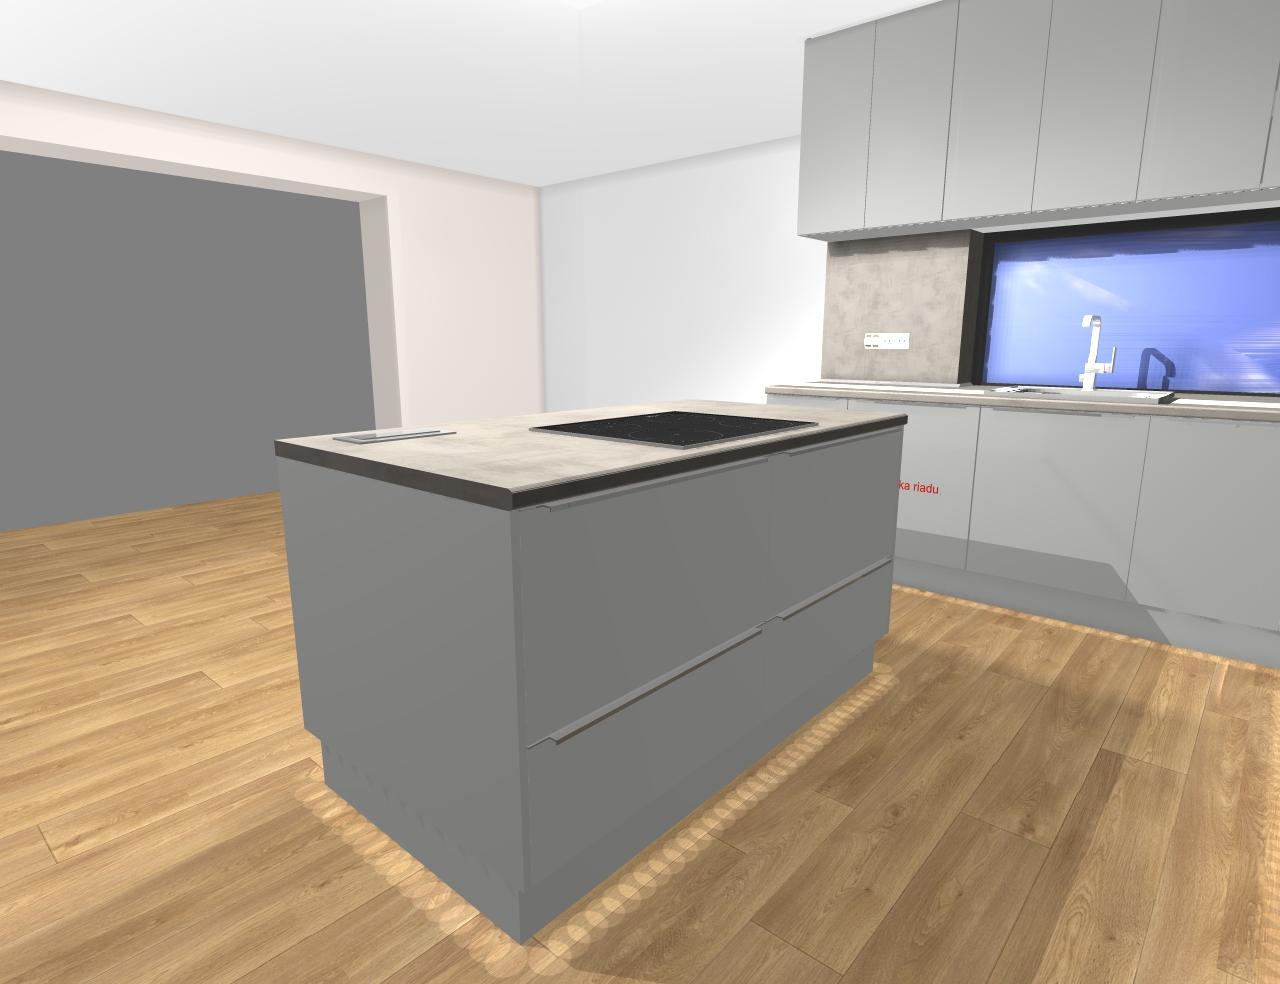 Grafické návrhy kuchynských liniek 2019 - Grafický návrh kuchynskej linky do RD pri Prahe - obr.4